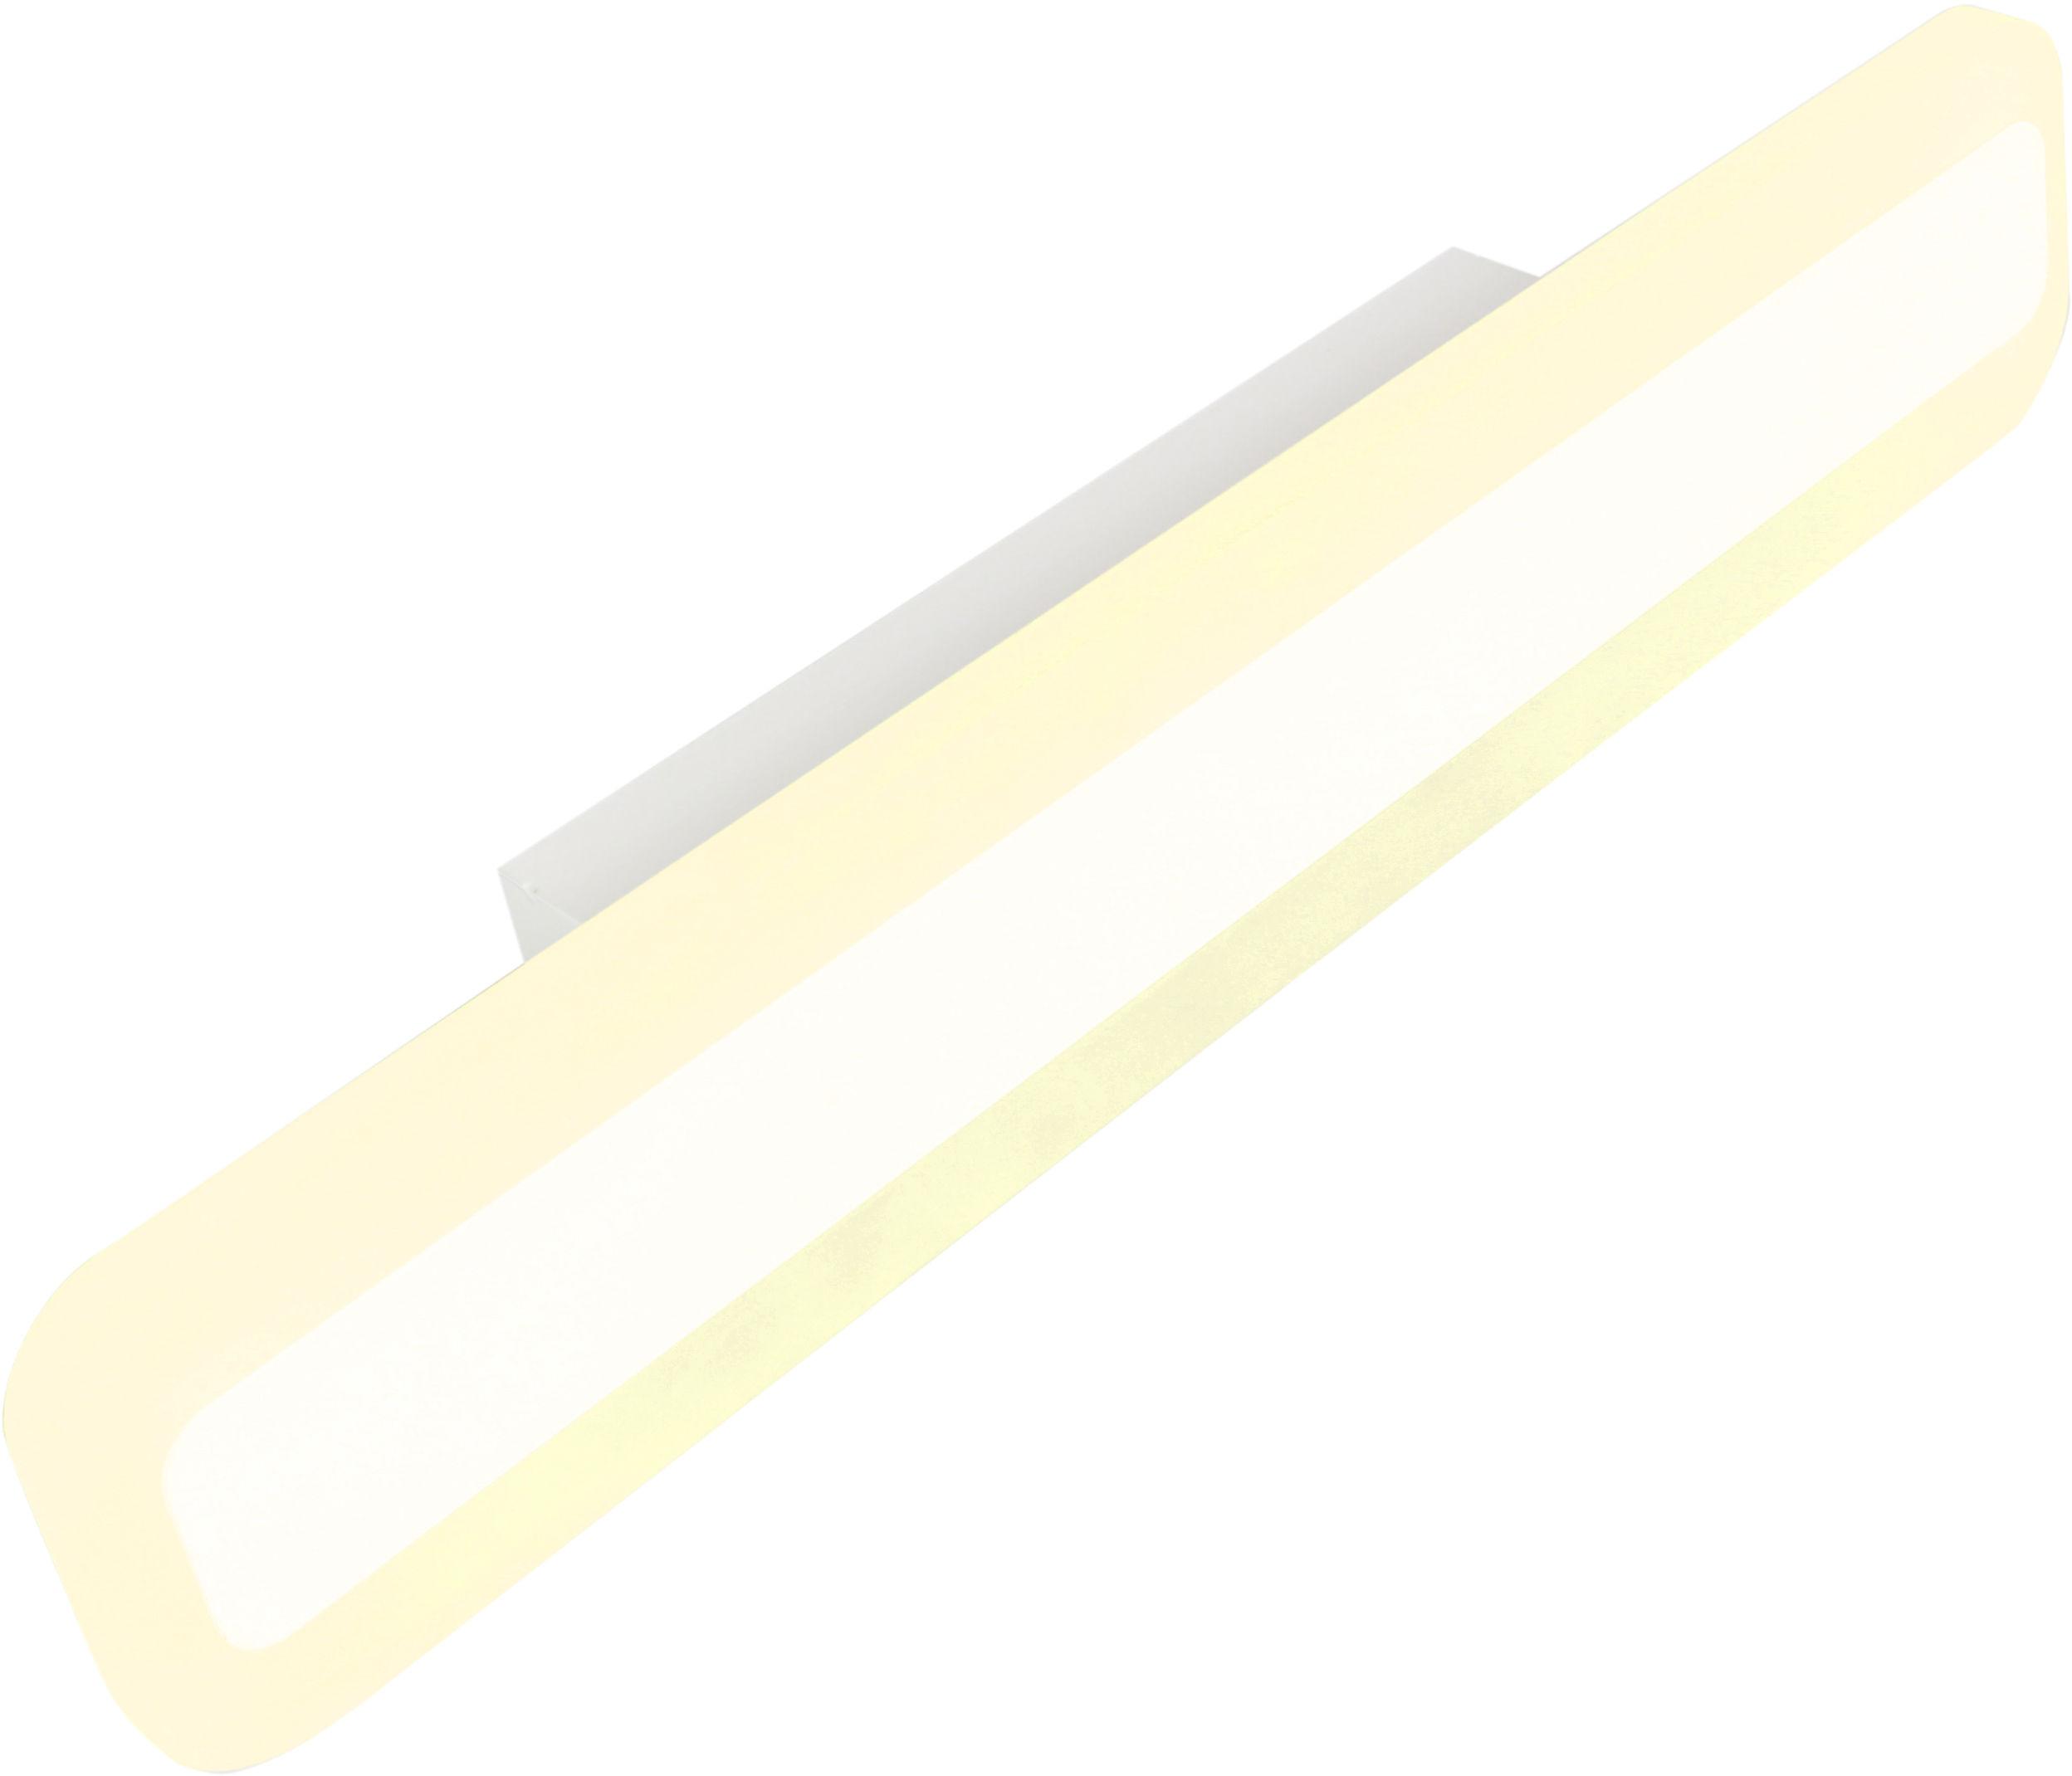 Candellux MUSE 21-69795 kinkiet lampa ścienna biała akryl 10W LED 4000K 40cm